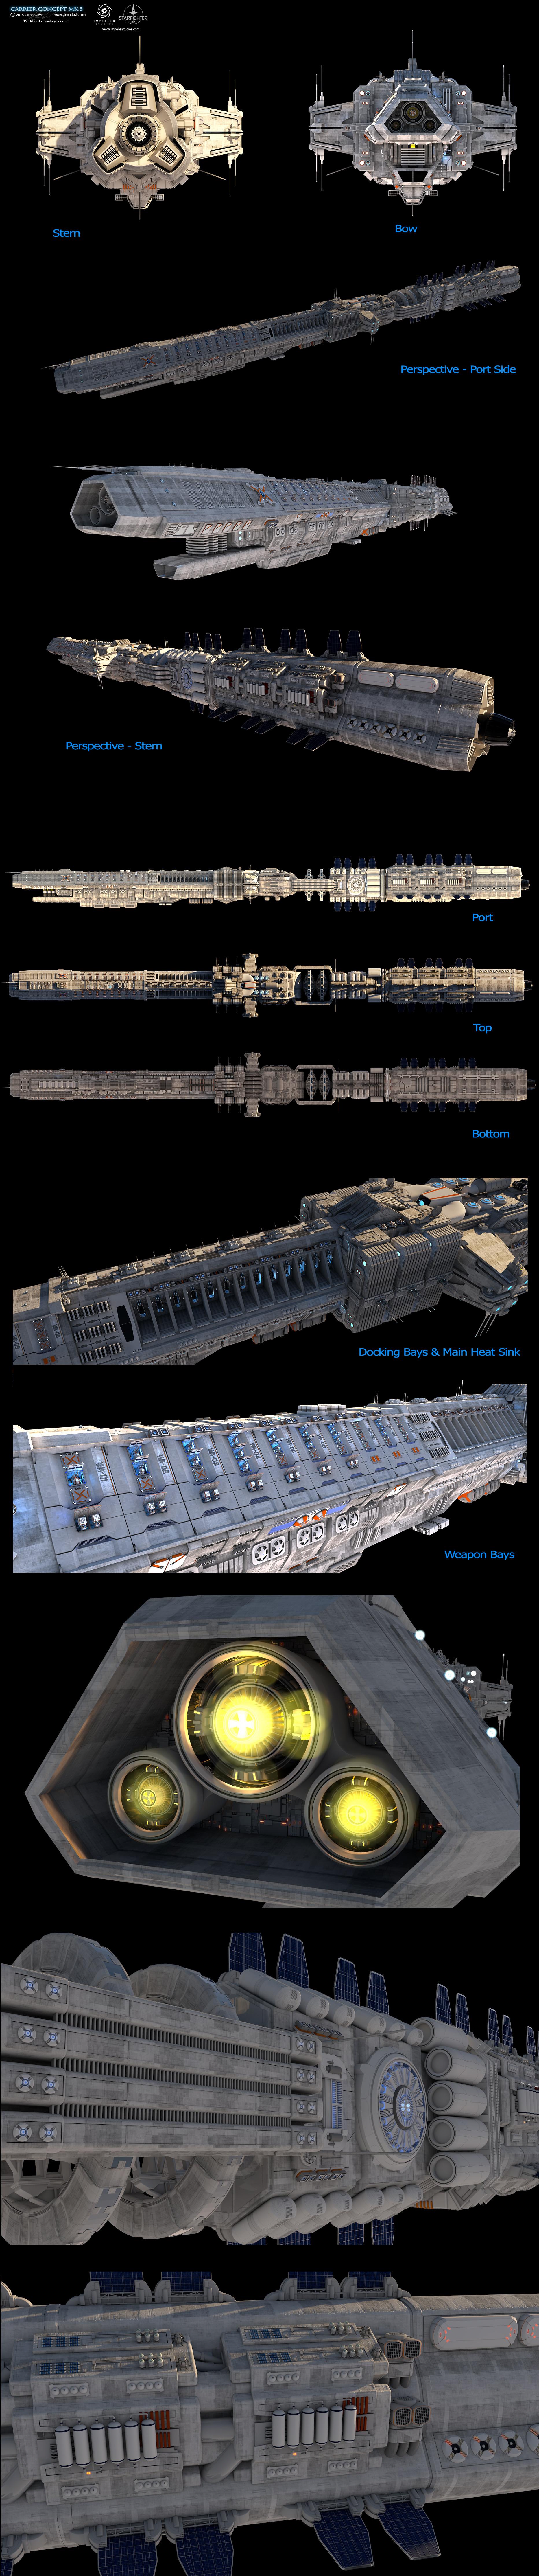 Glenn clovis carrier concept mk5 by glennclovis